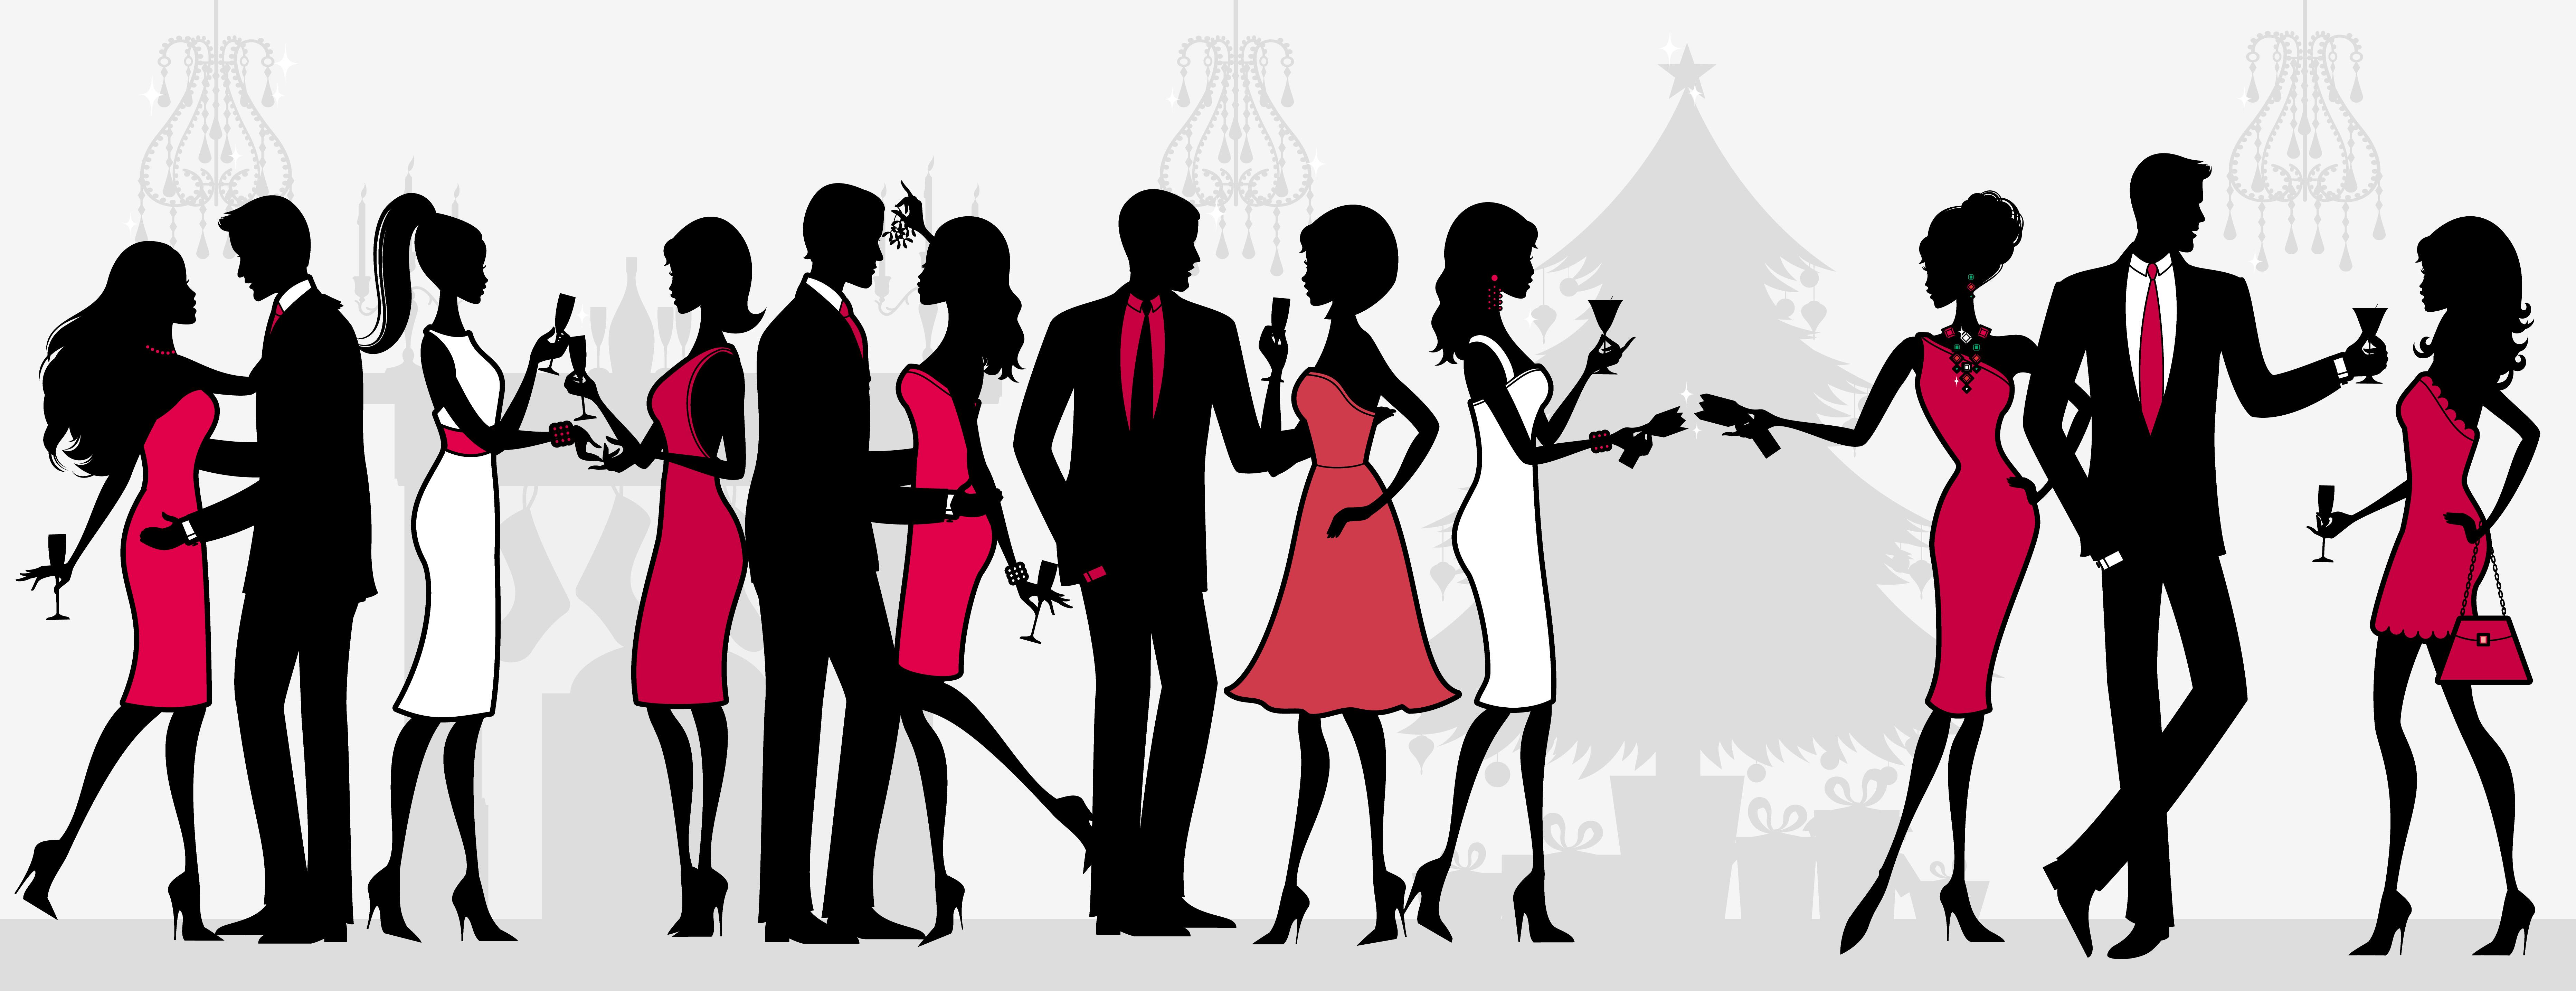 7456x2868 Celebration Let Party Clip Art Free Clipart Images 2 Clipartcow 3